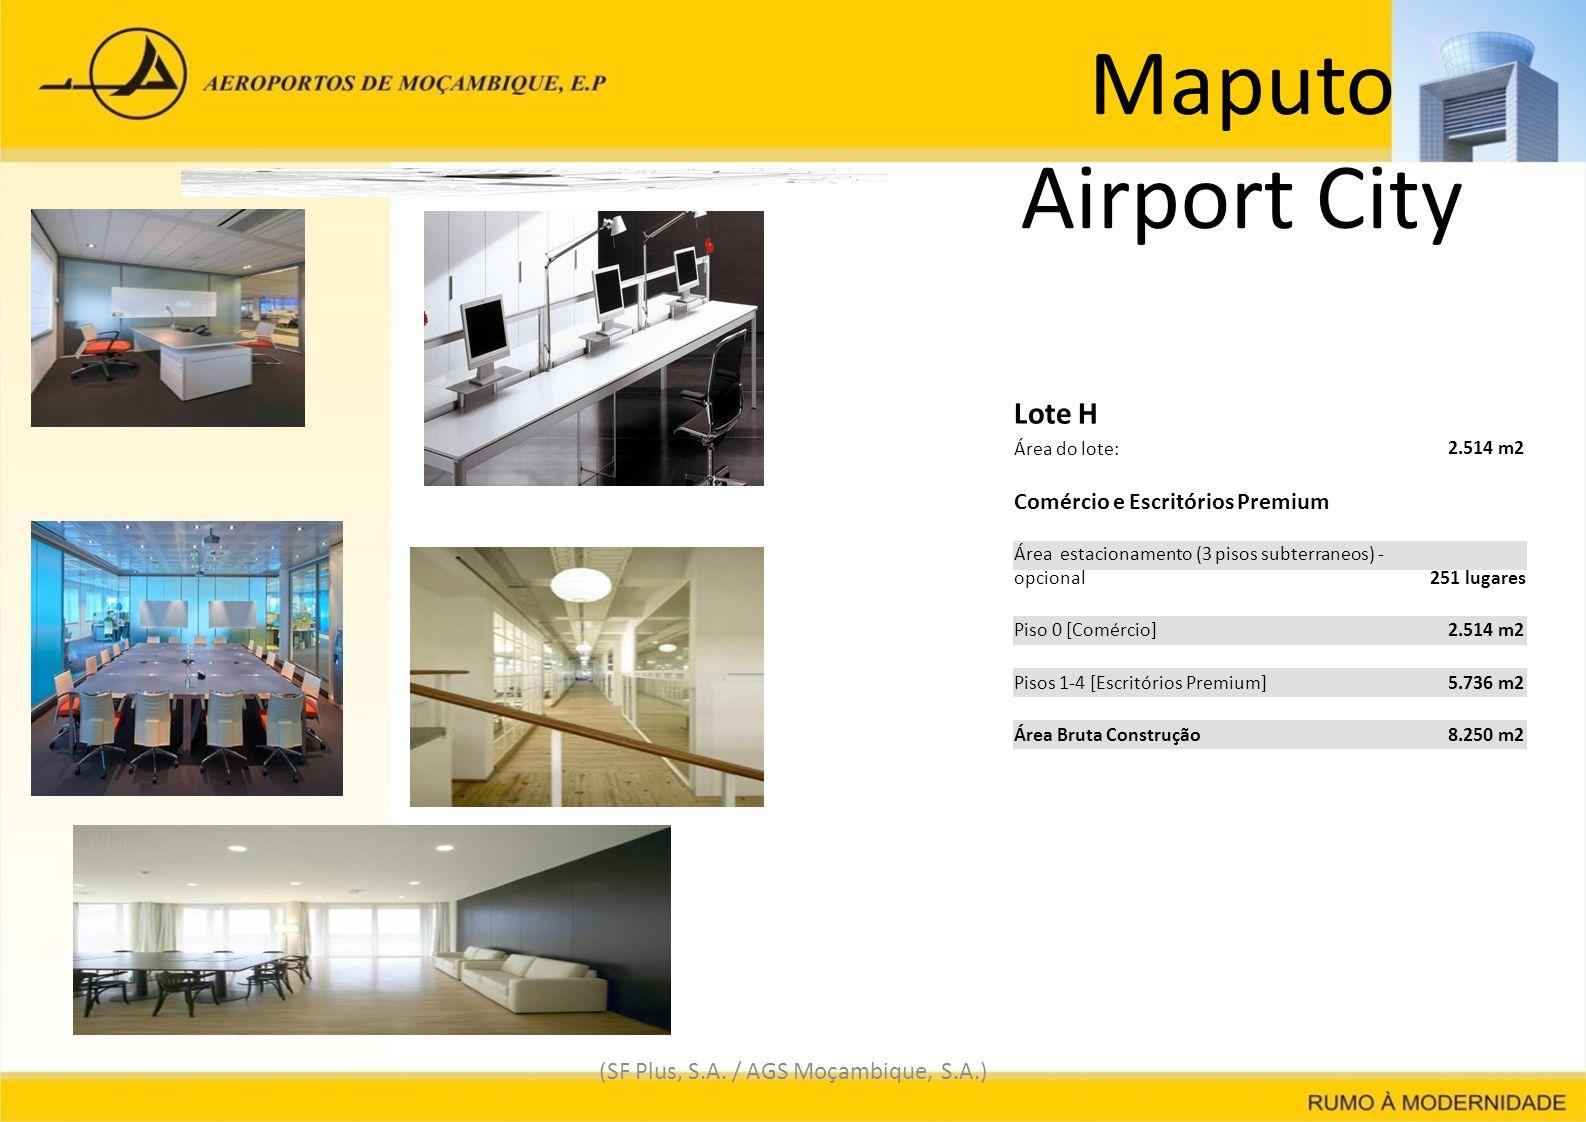 Maputo Airport City (SF Plus, S.A. / AGS Moçambique, S.A.) Lote H Área do lote: 2.514 m22.514 m2 Comércio e Escritórios Premium Área estacionamento (3